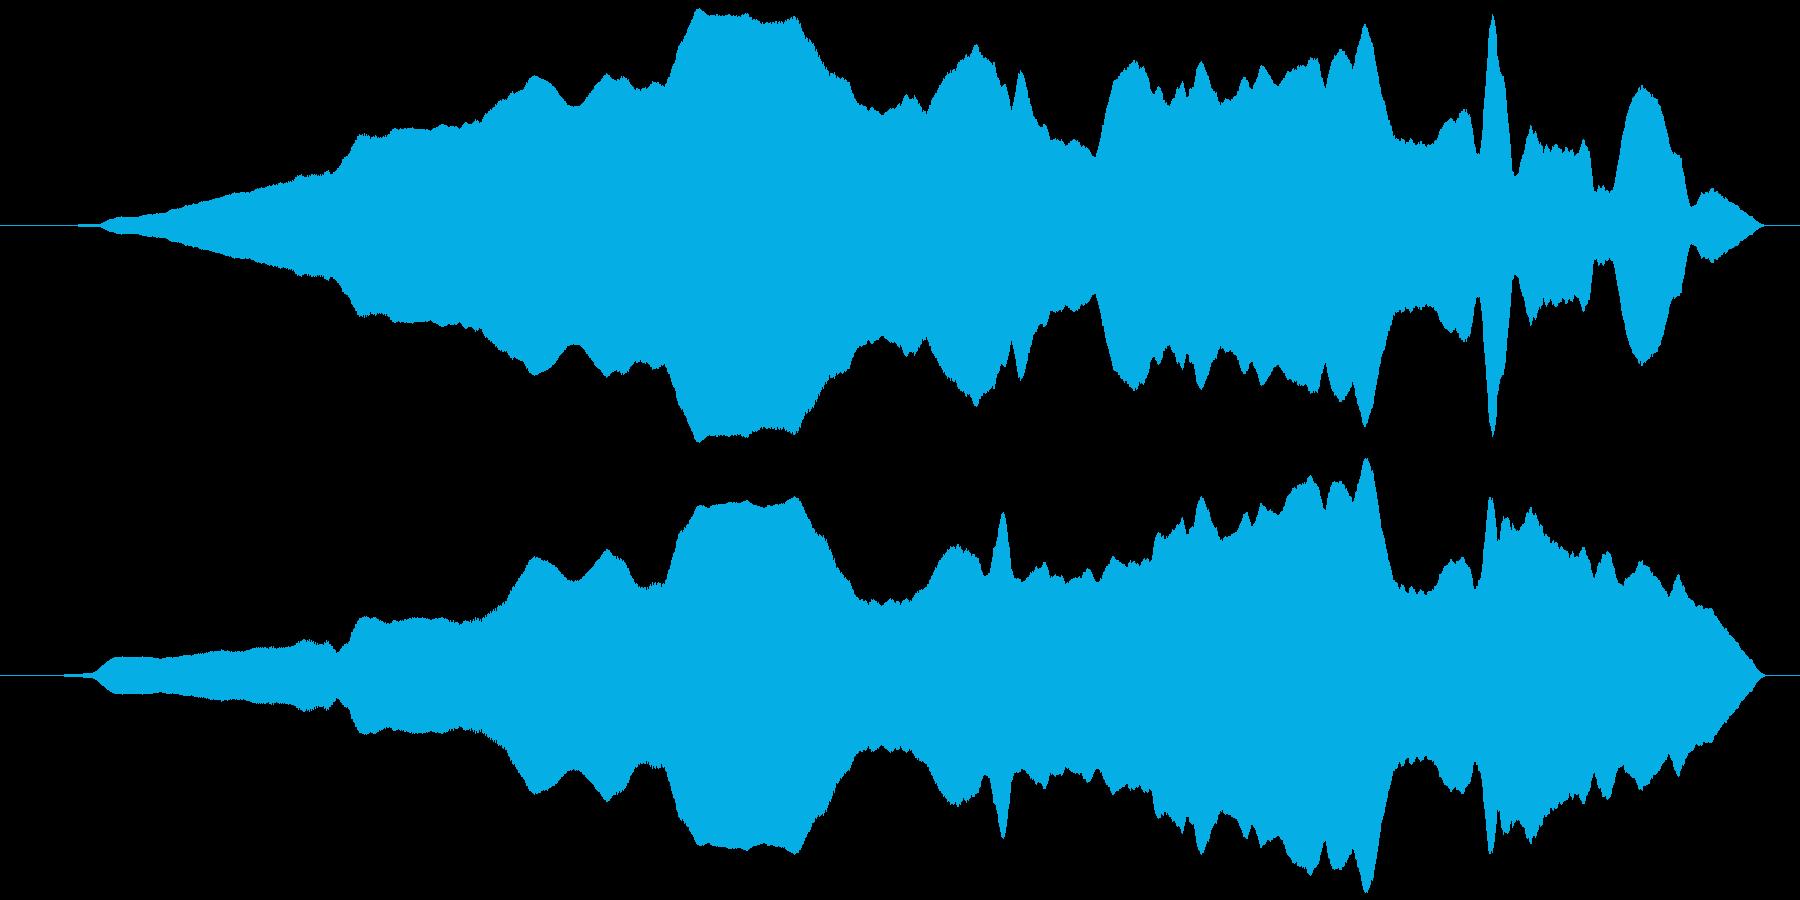 うねる風 オノマトペ(遅上昇)ヒヨヒヨ…の再生済みの波形